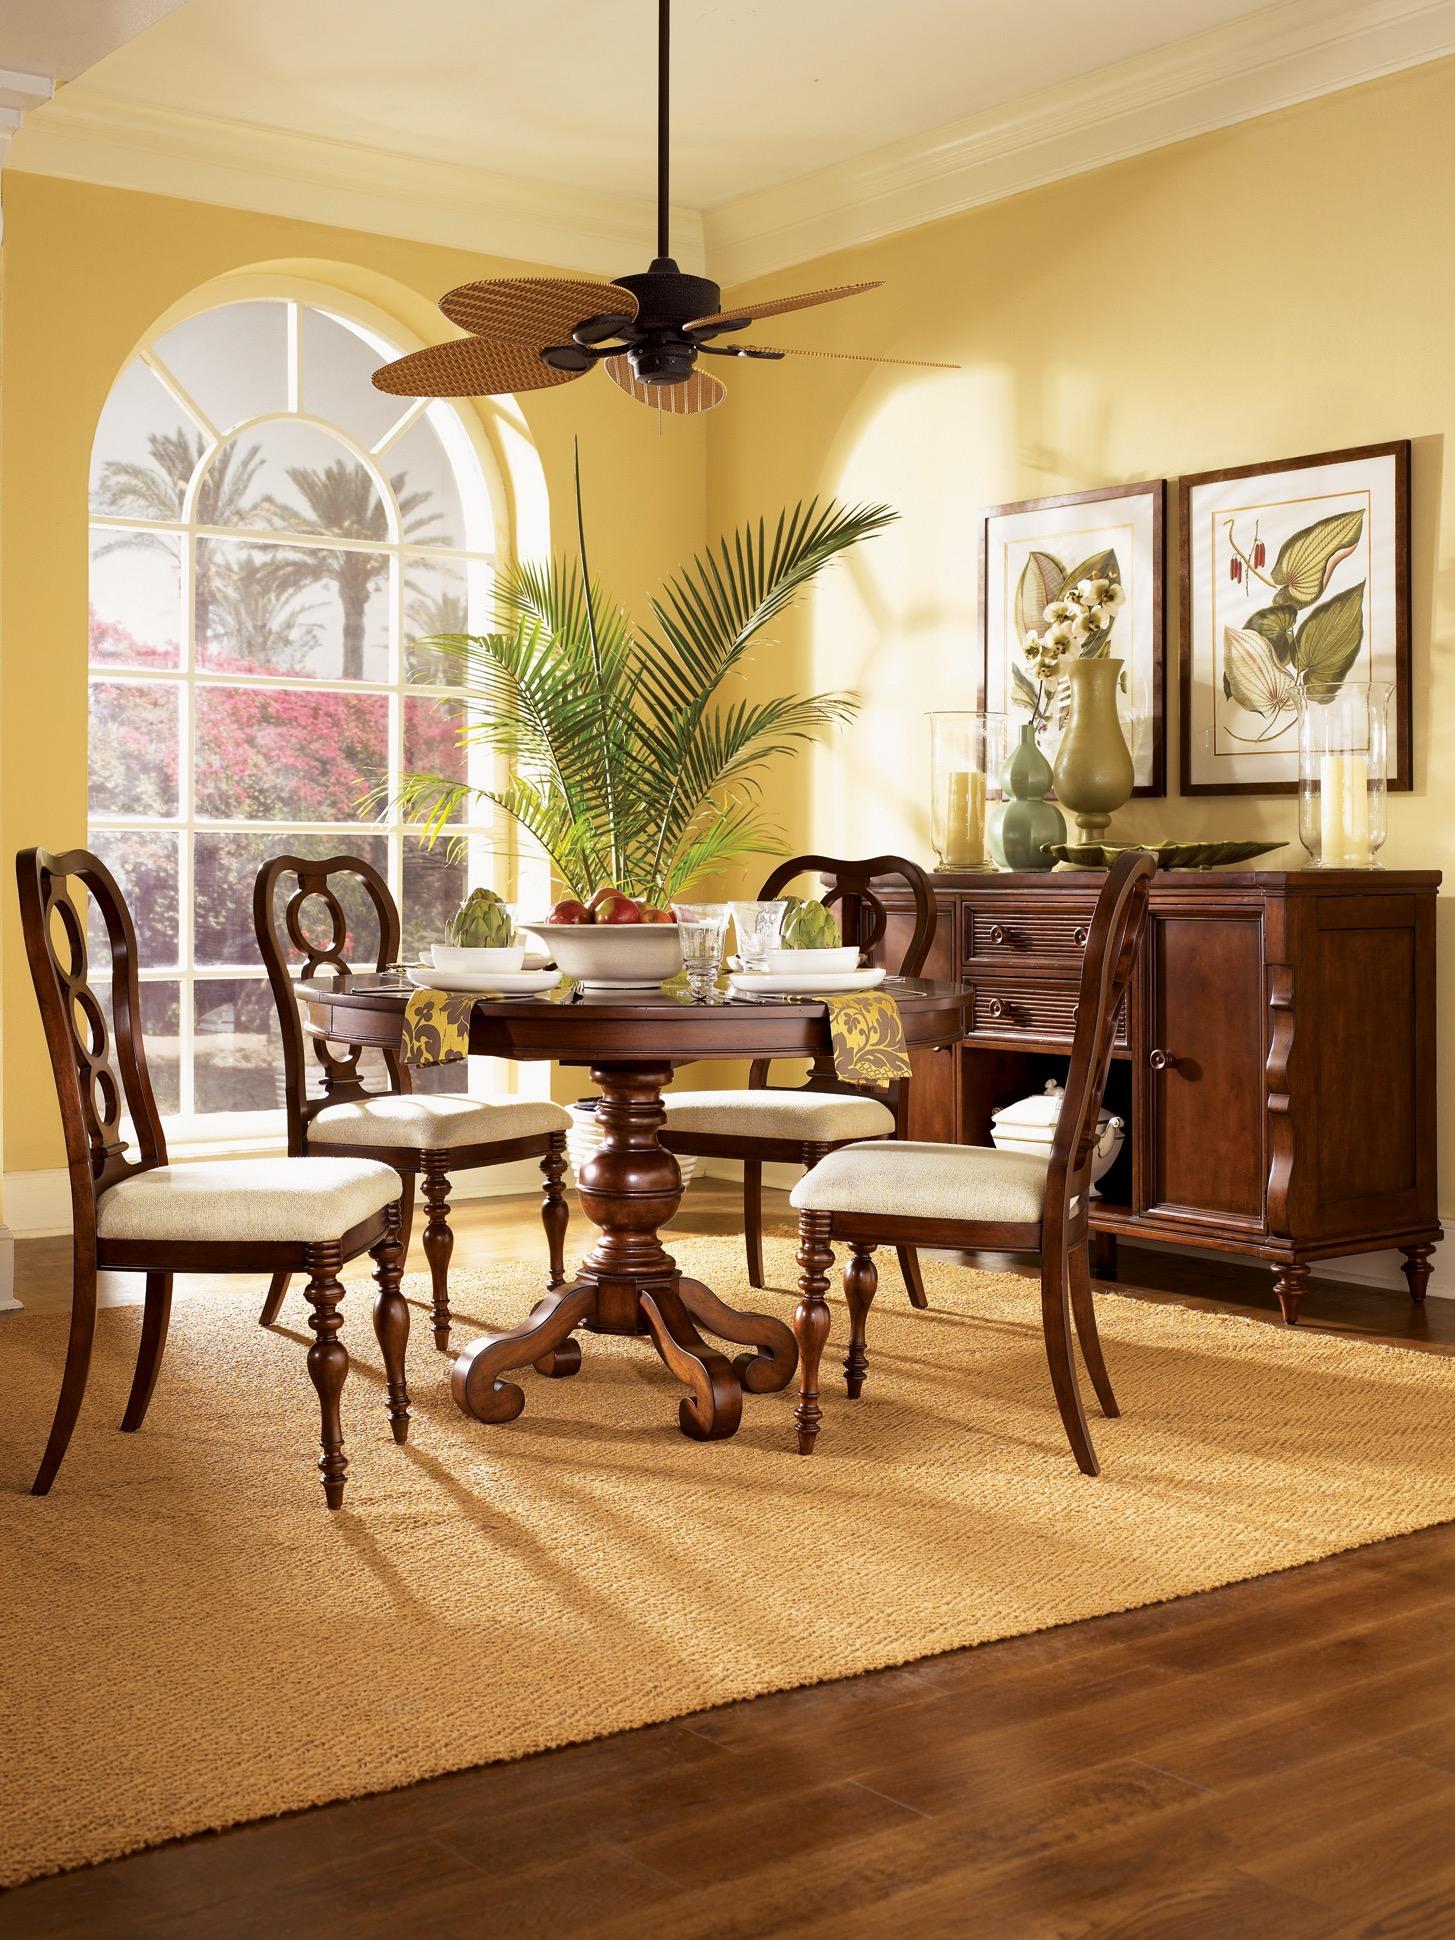 30 Tropical House Design And Decor Ideas 17928 Exterior